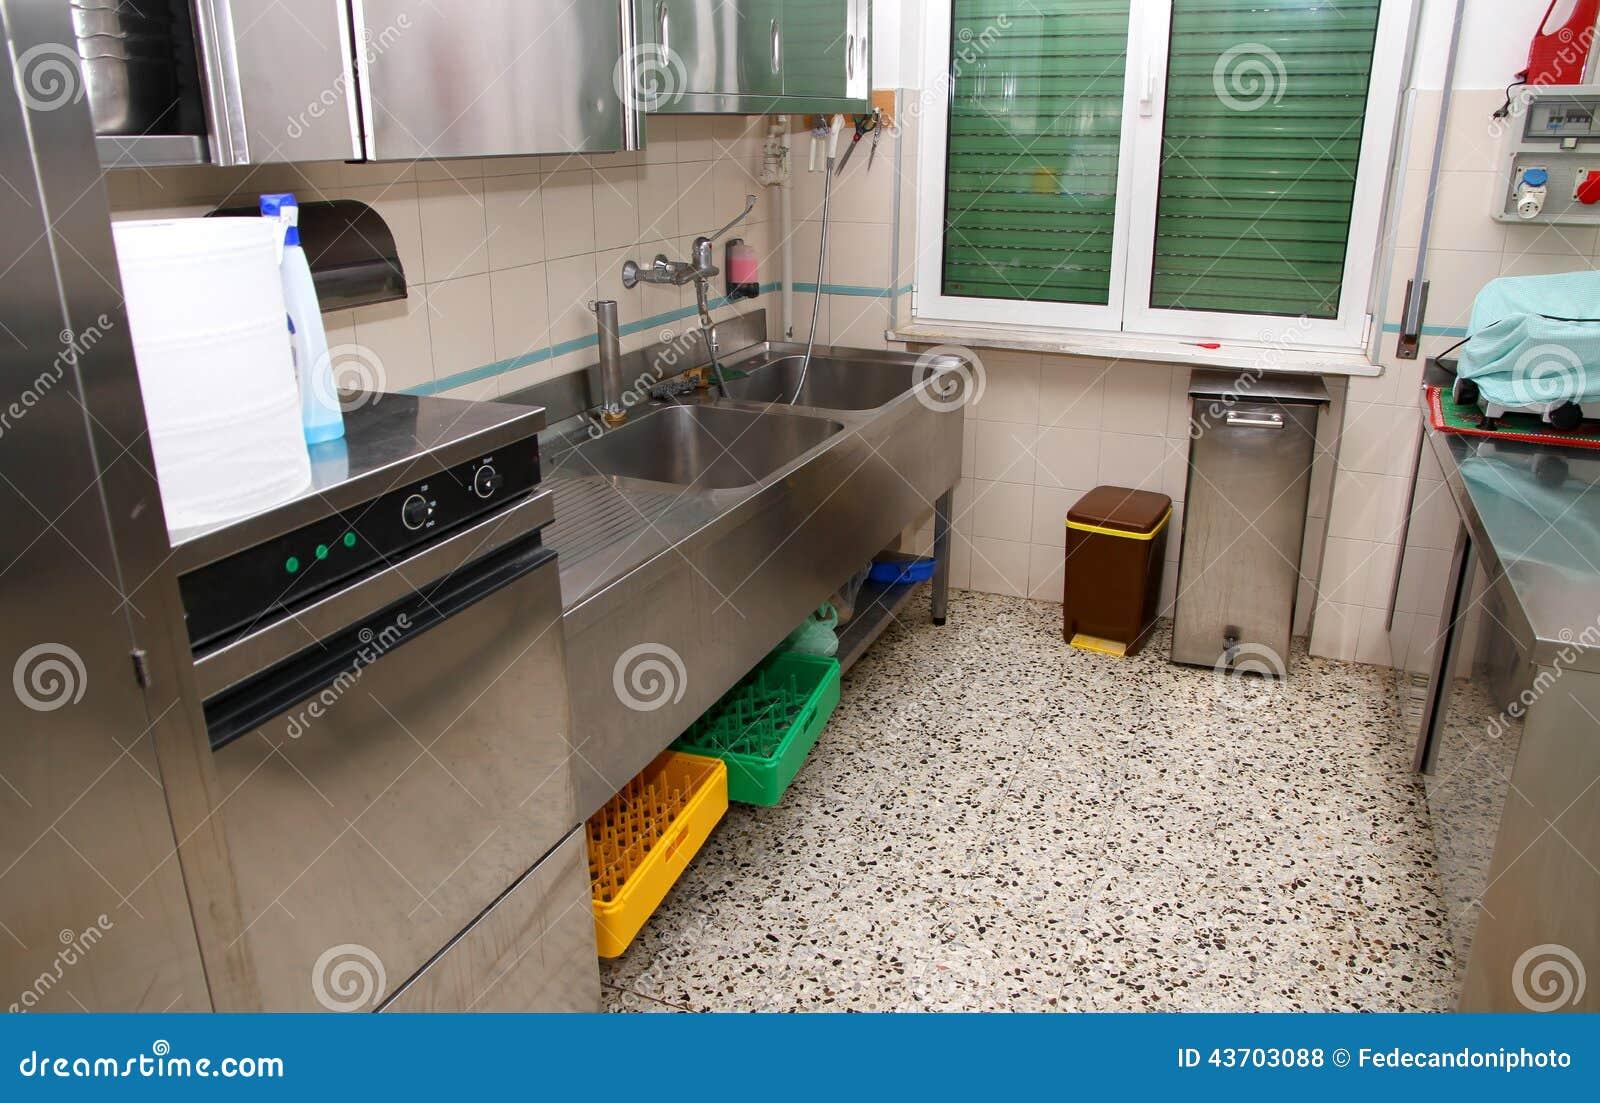 Empresa Industrial Da Cozinha Da Cantina Em Um Restaurante Foto De